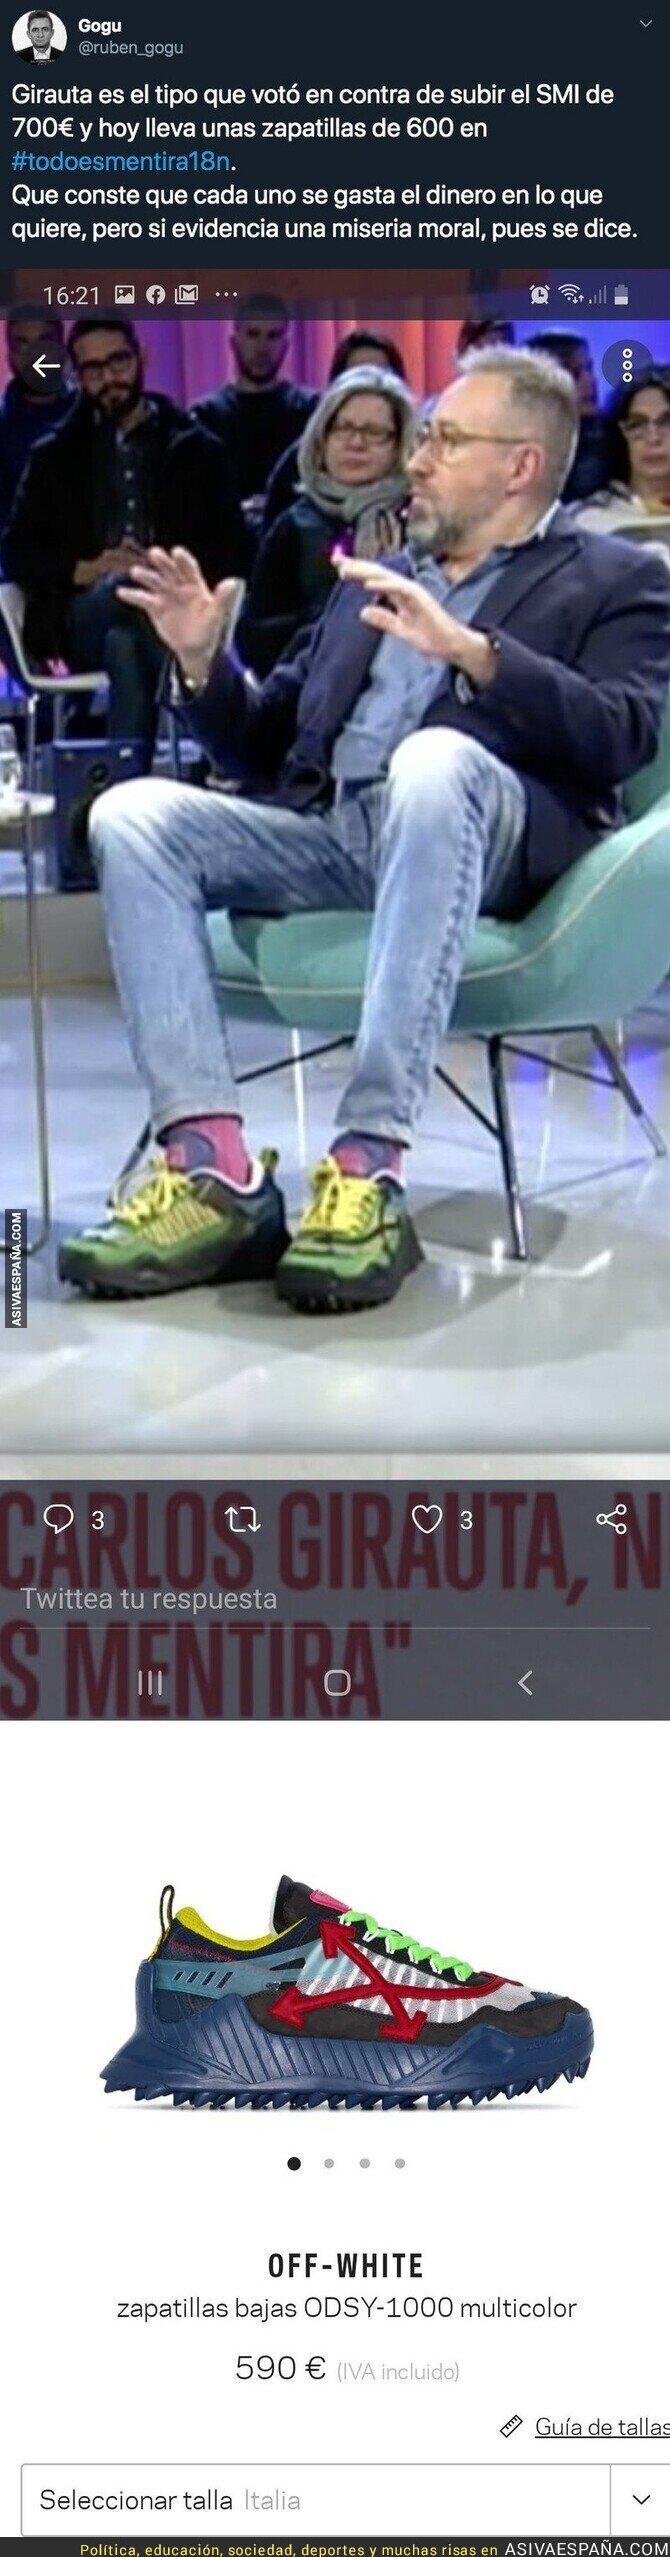 127731 - Esto es lo que se gasta Juan Carlos Girauta en zapatillas que lució en este programa mientras quiere que el resto de familias no cobre más